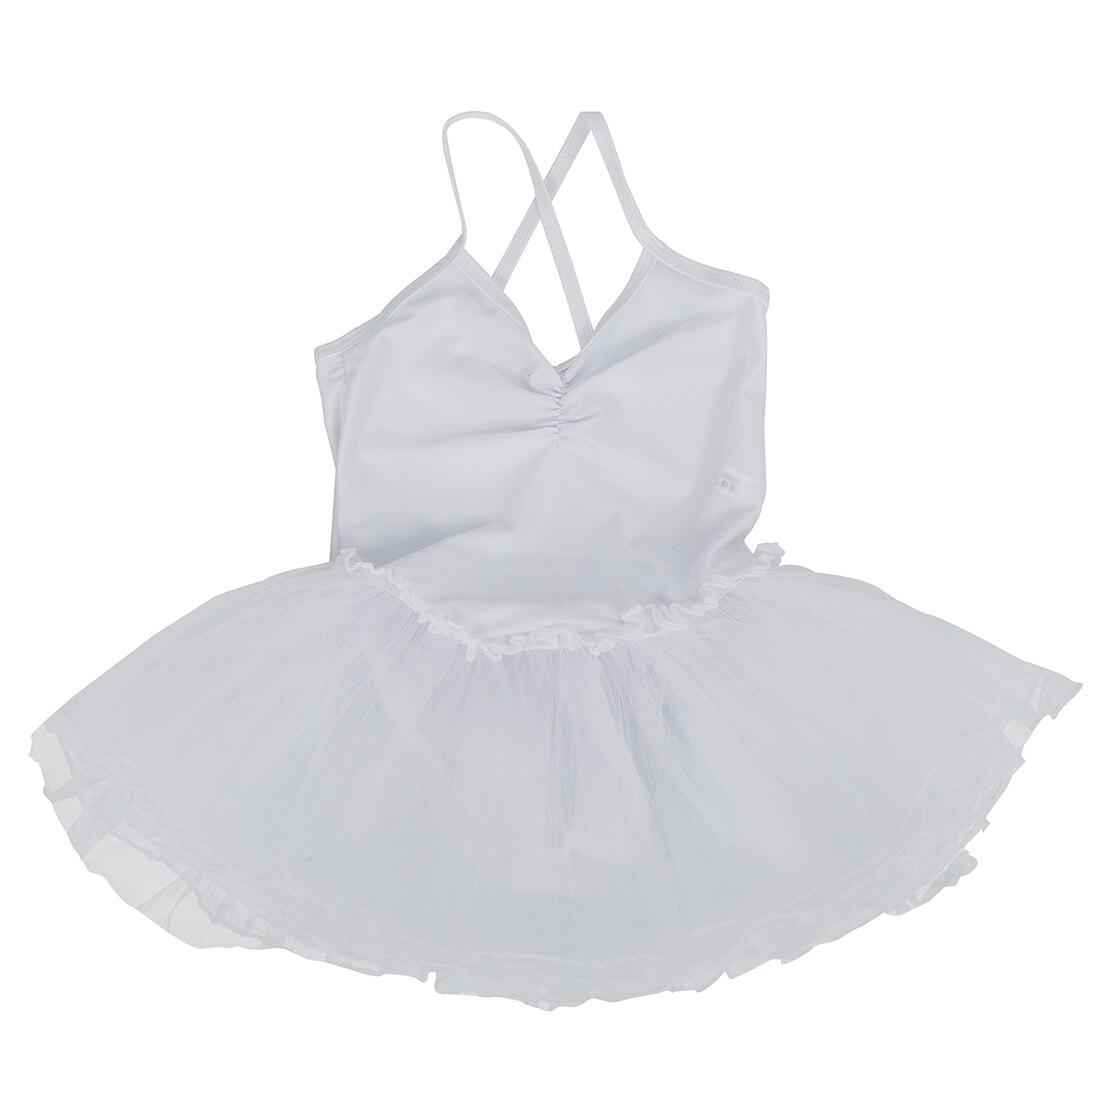 hot-sale-girl-font-b-ballet-b-font-dance-dress-gymnastic-leotard-straps-tutu-3-4-yrs